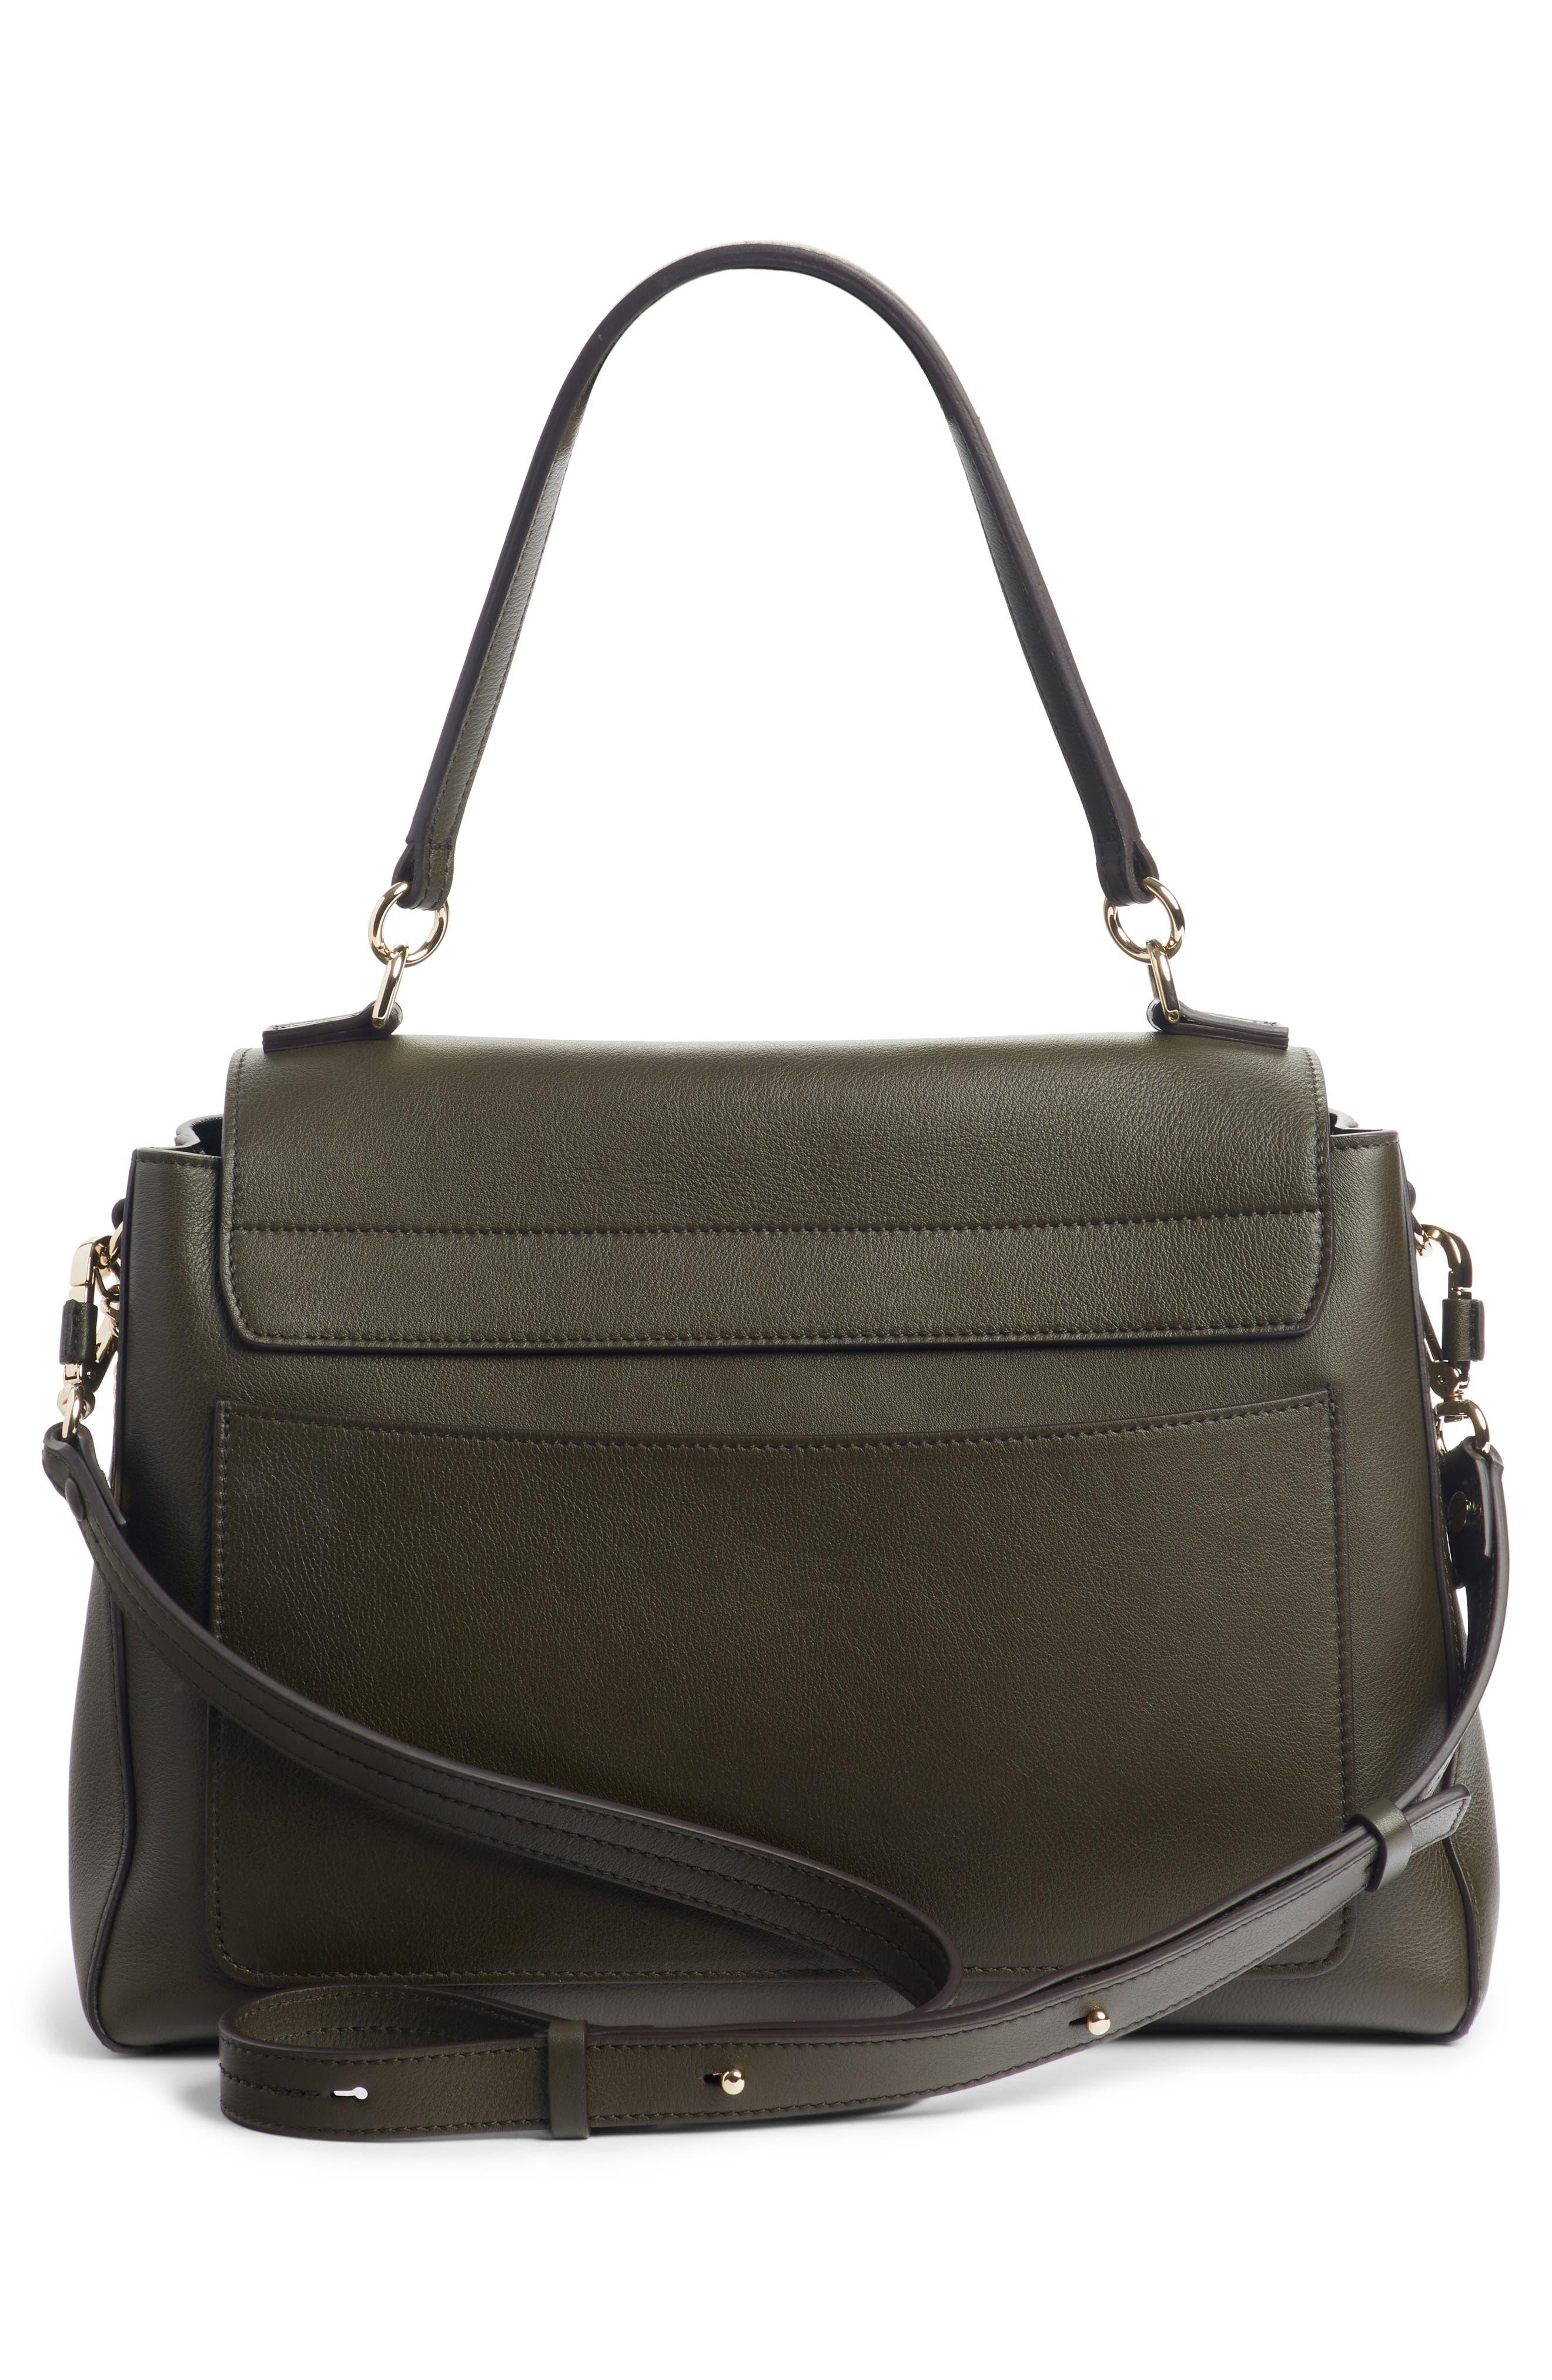 Medium Faye Leather Shoulder Bag,                             Alternate thumbnail 3, color,                             DEEP FOREST